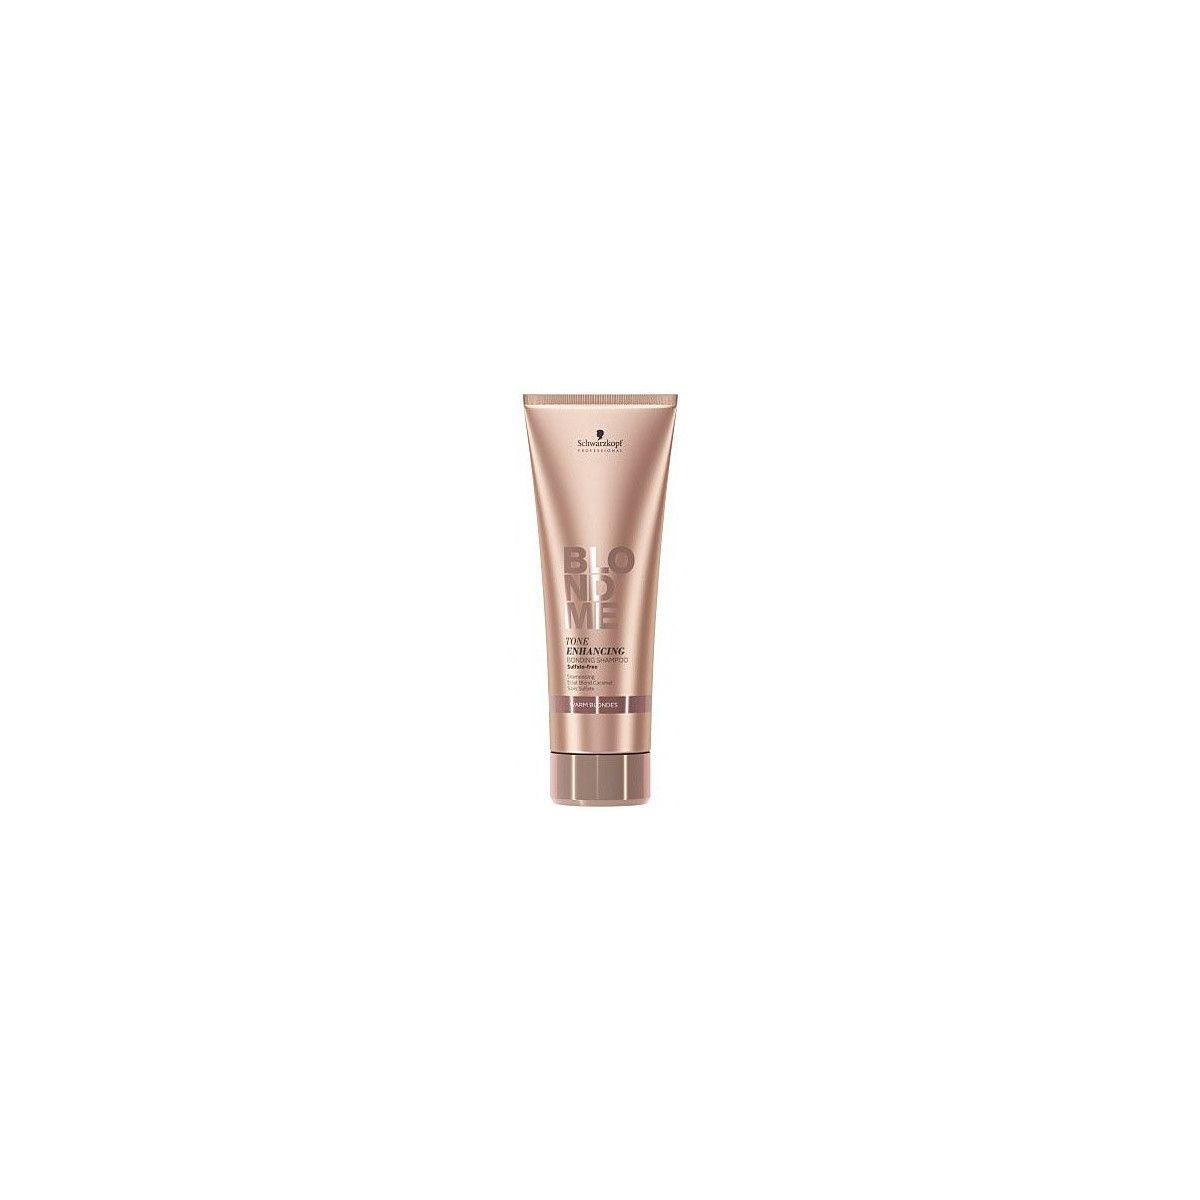 Schwarzkopf BlondMe Tone Enhancing, szampony do ciepłych blondów, sulfate-free 250ml